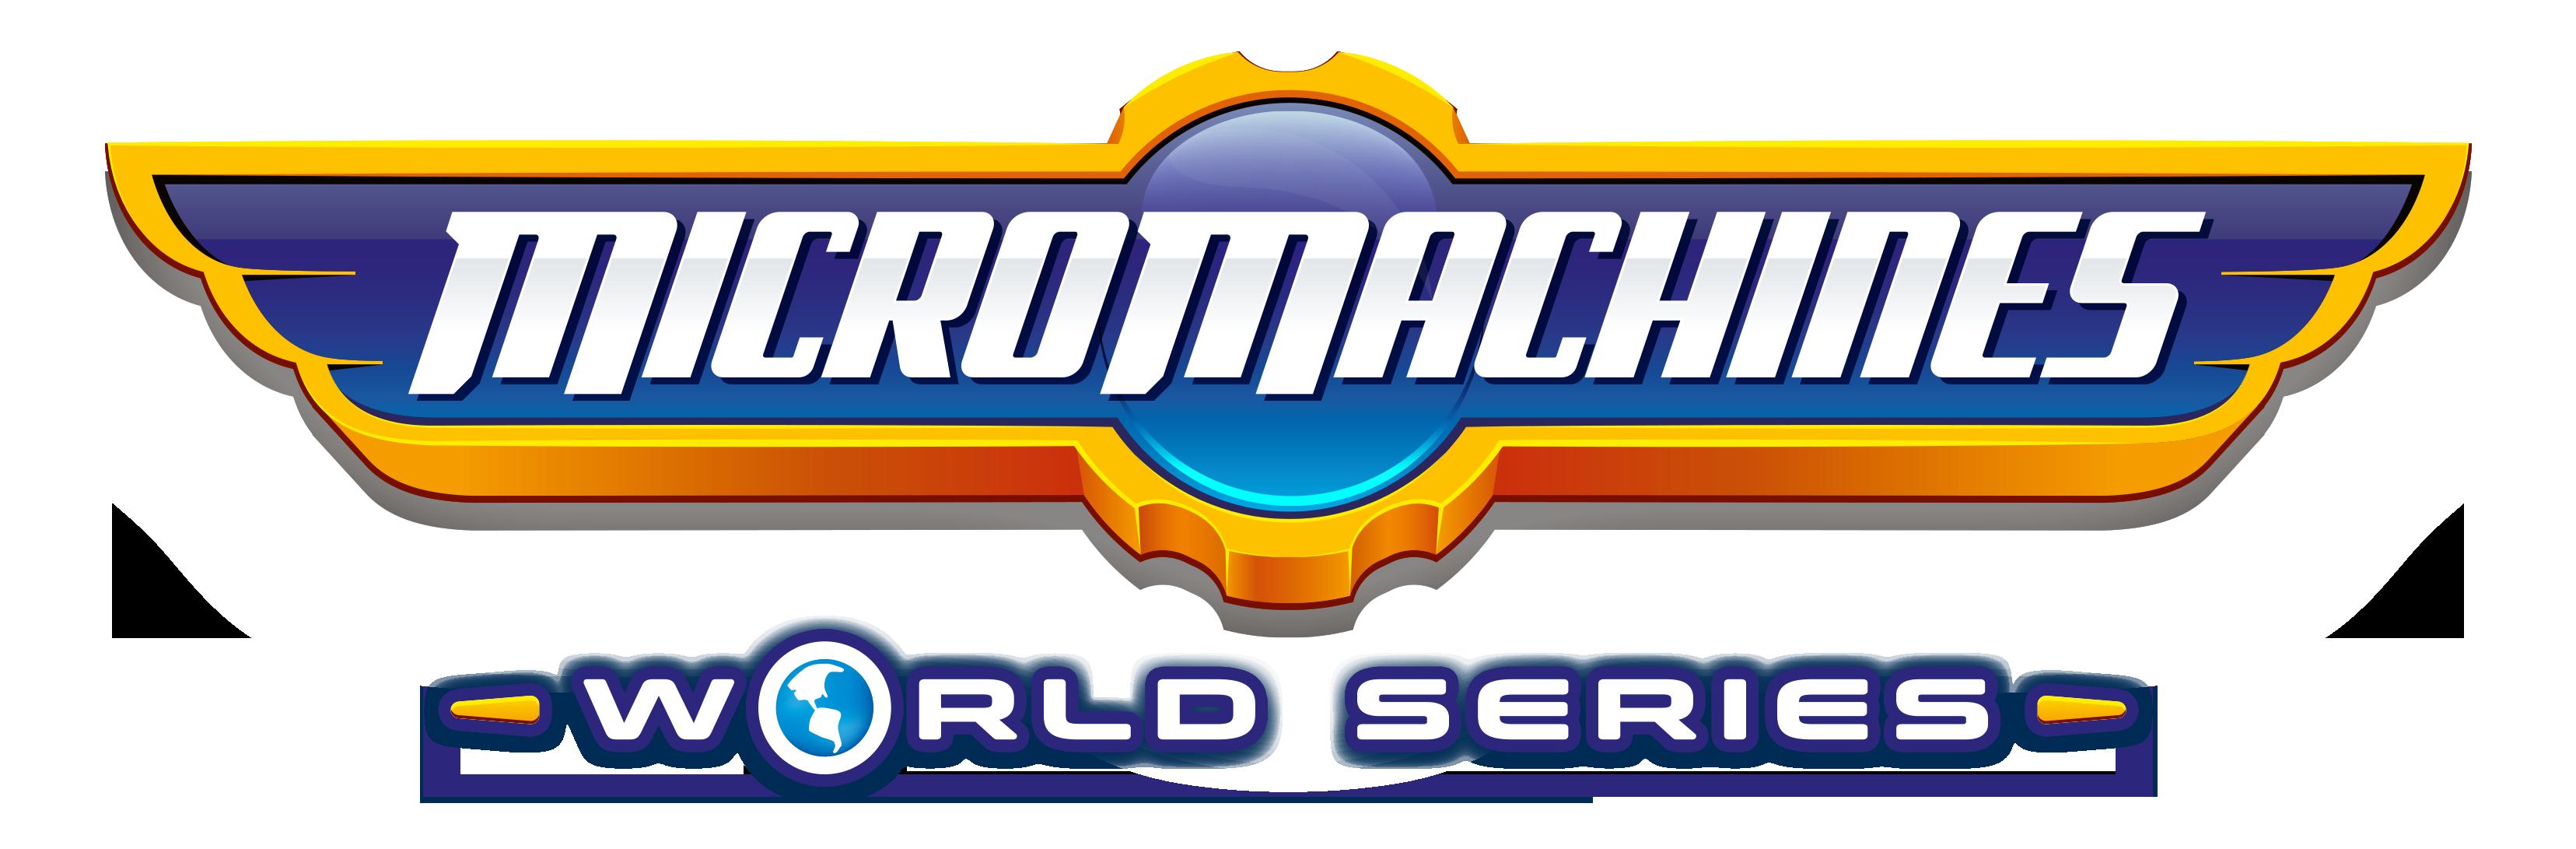 MicroMachines_WorldSeries_LOGO